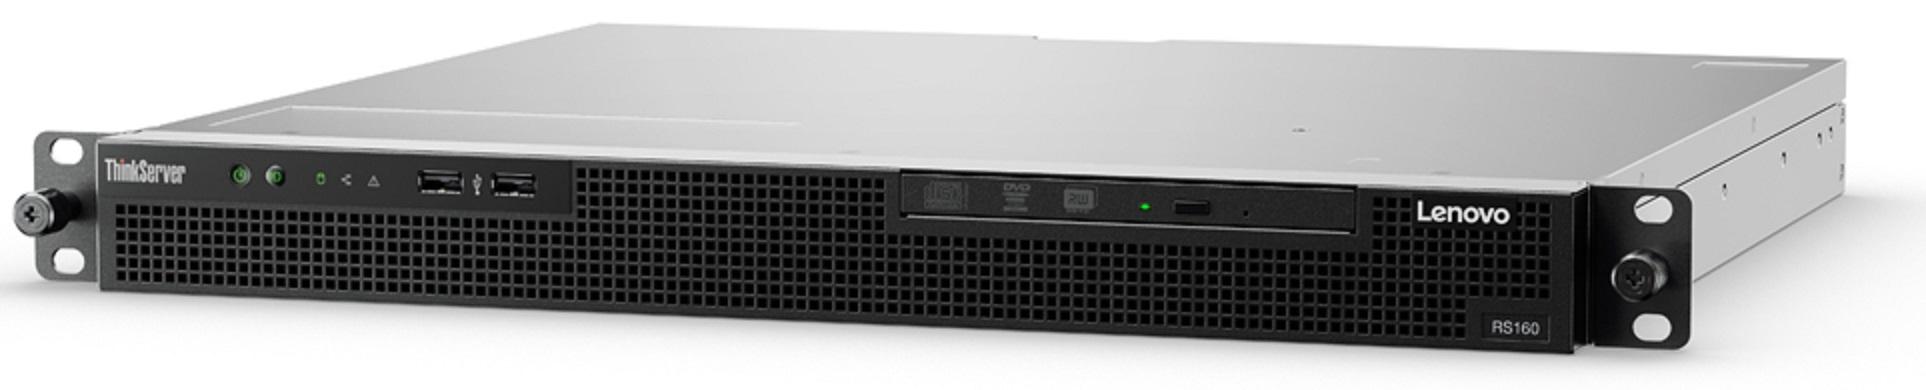 Lenovo ThinkServer RS160 3GHz Rack (1U) E3-1220 v6 Intel® Xeon® E3 v6 300W